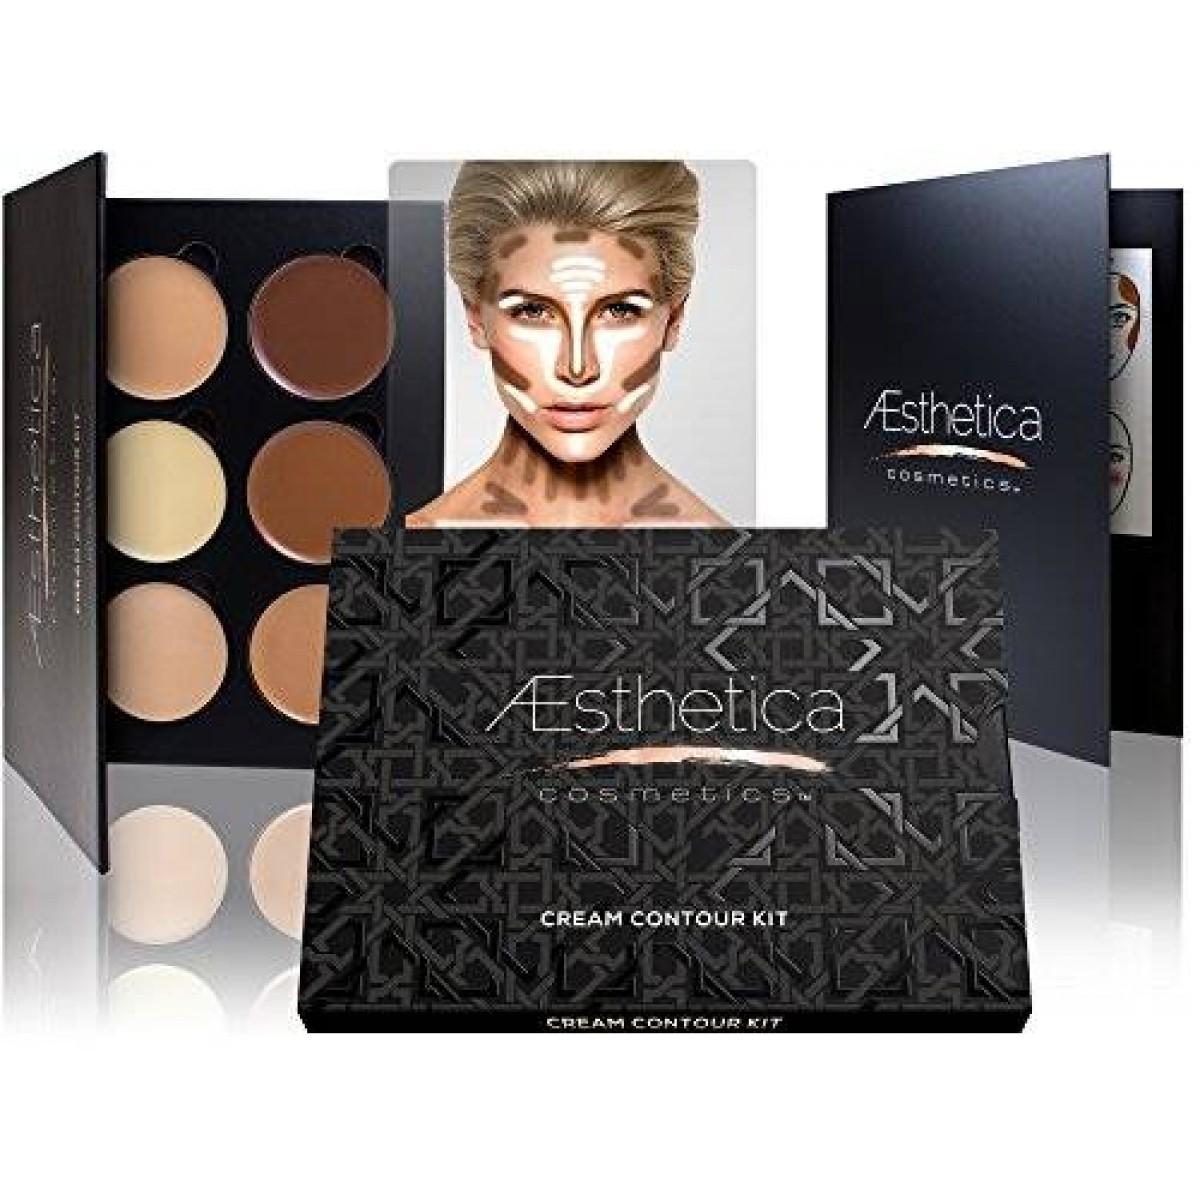 Kết quả hình ảnh cho Aesthetica Cosmetics Cream Contour Kit